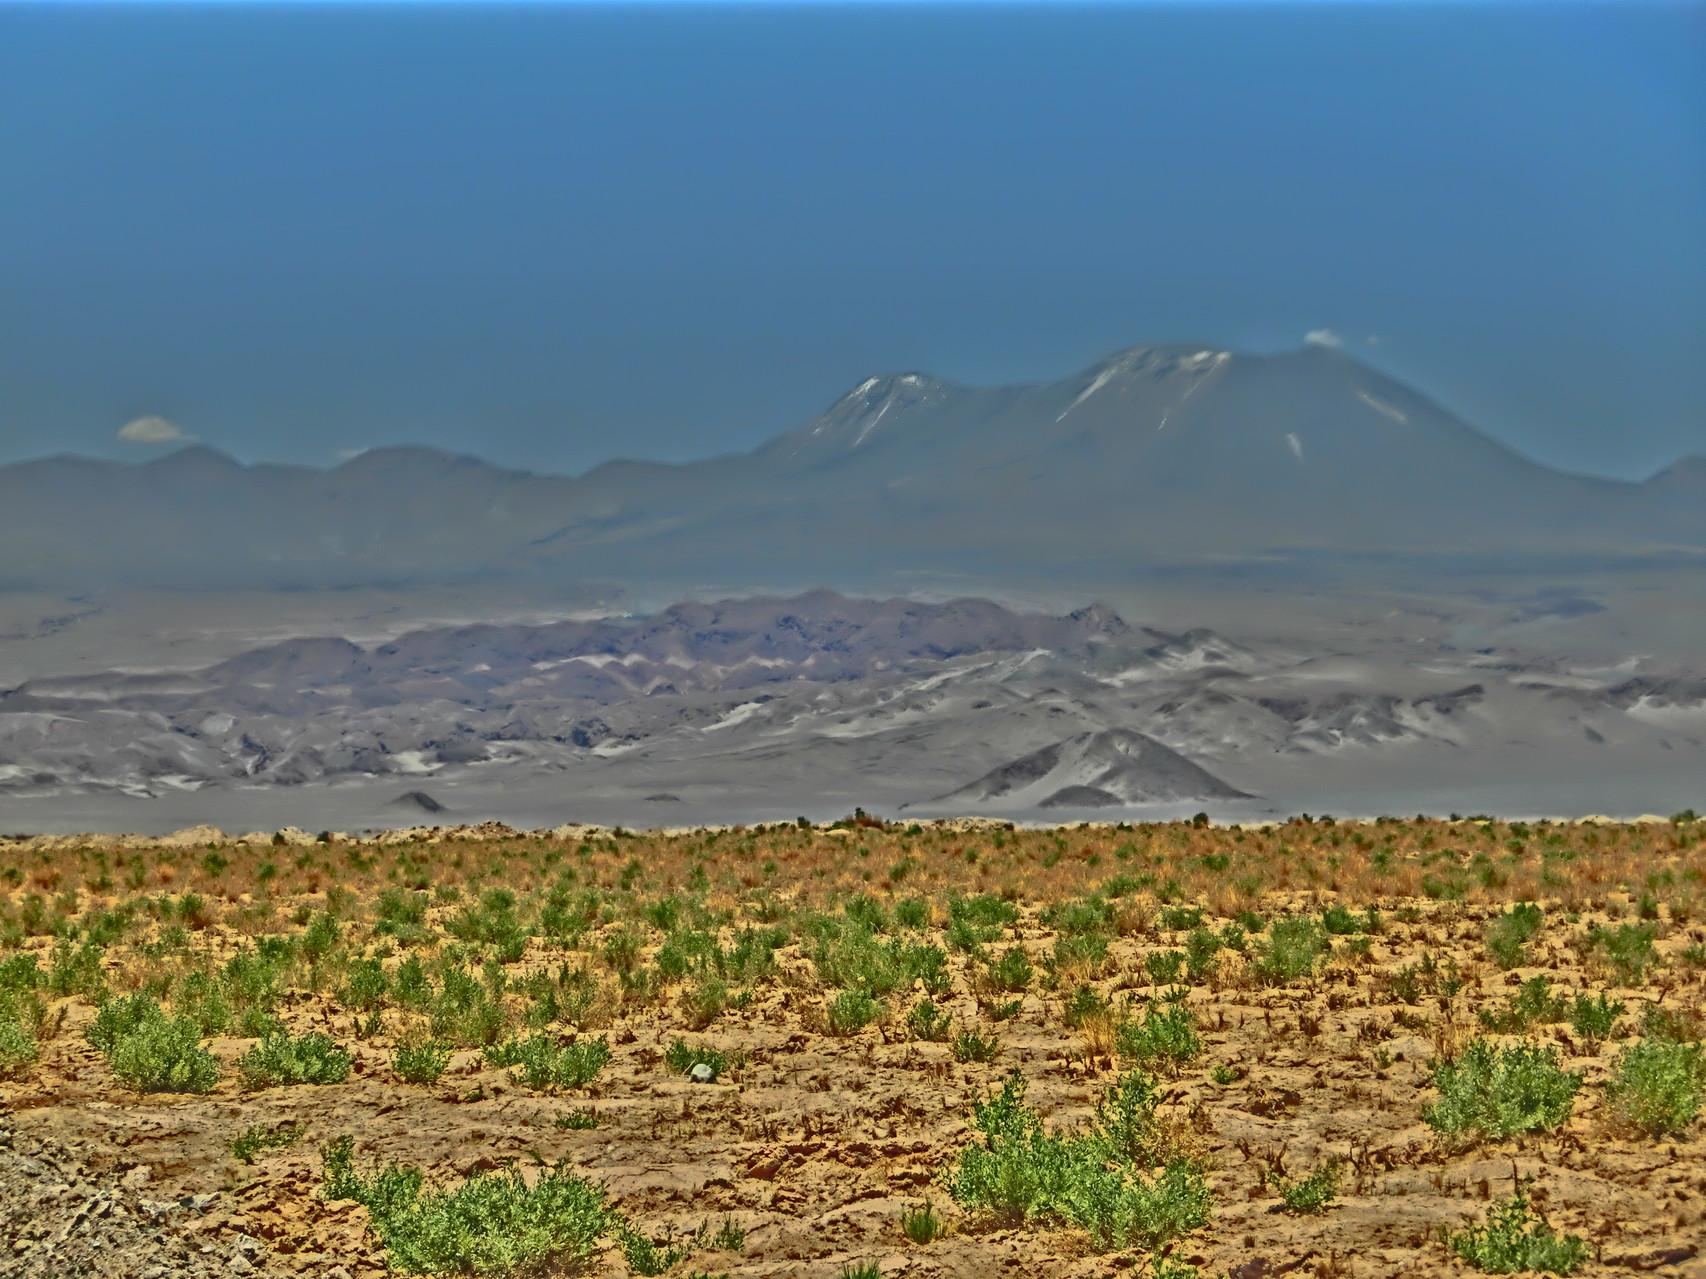 Blick über die Wüste hinweg in die Berge